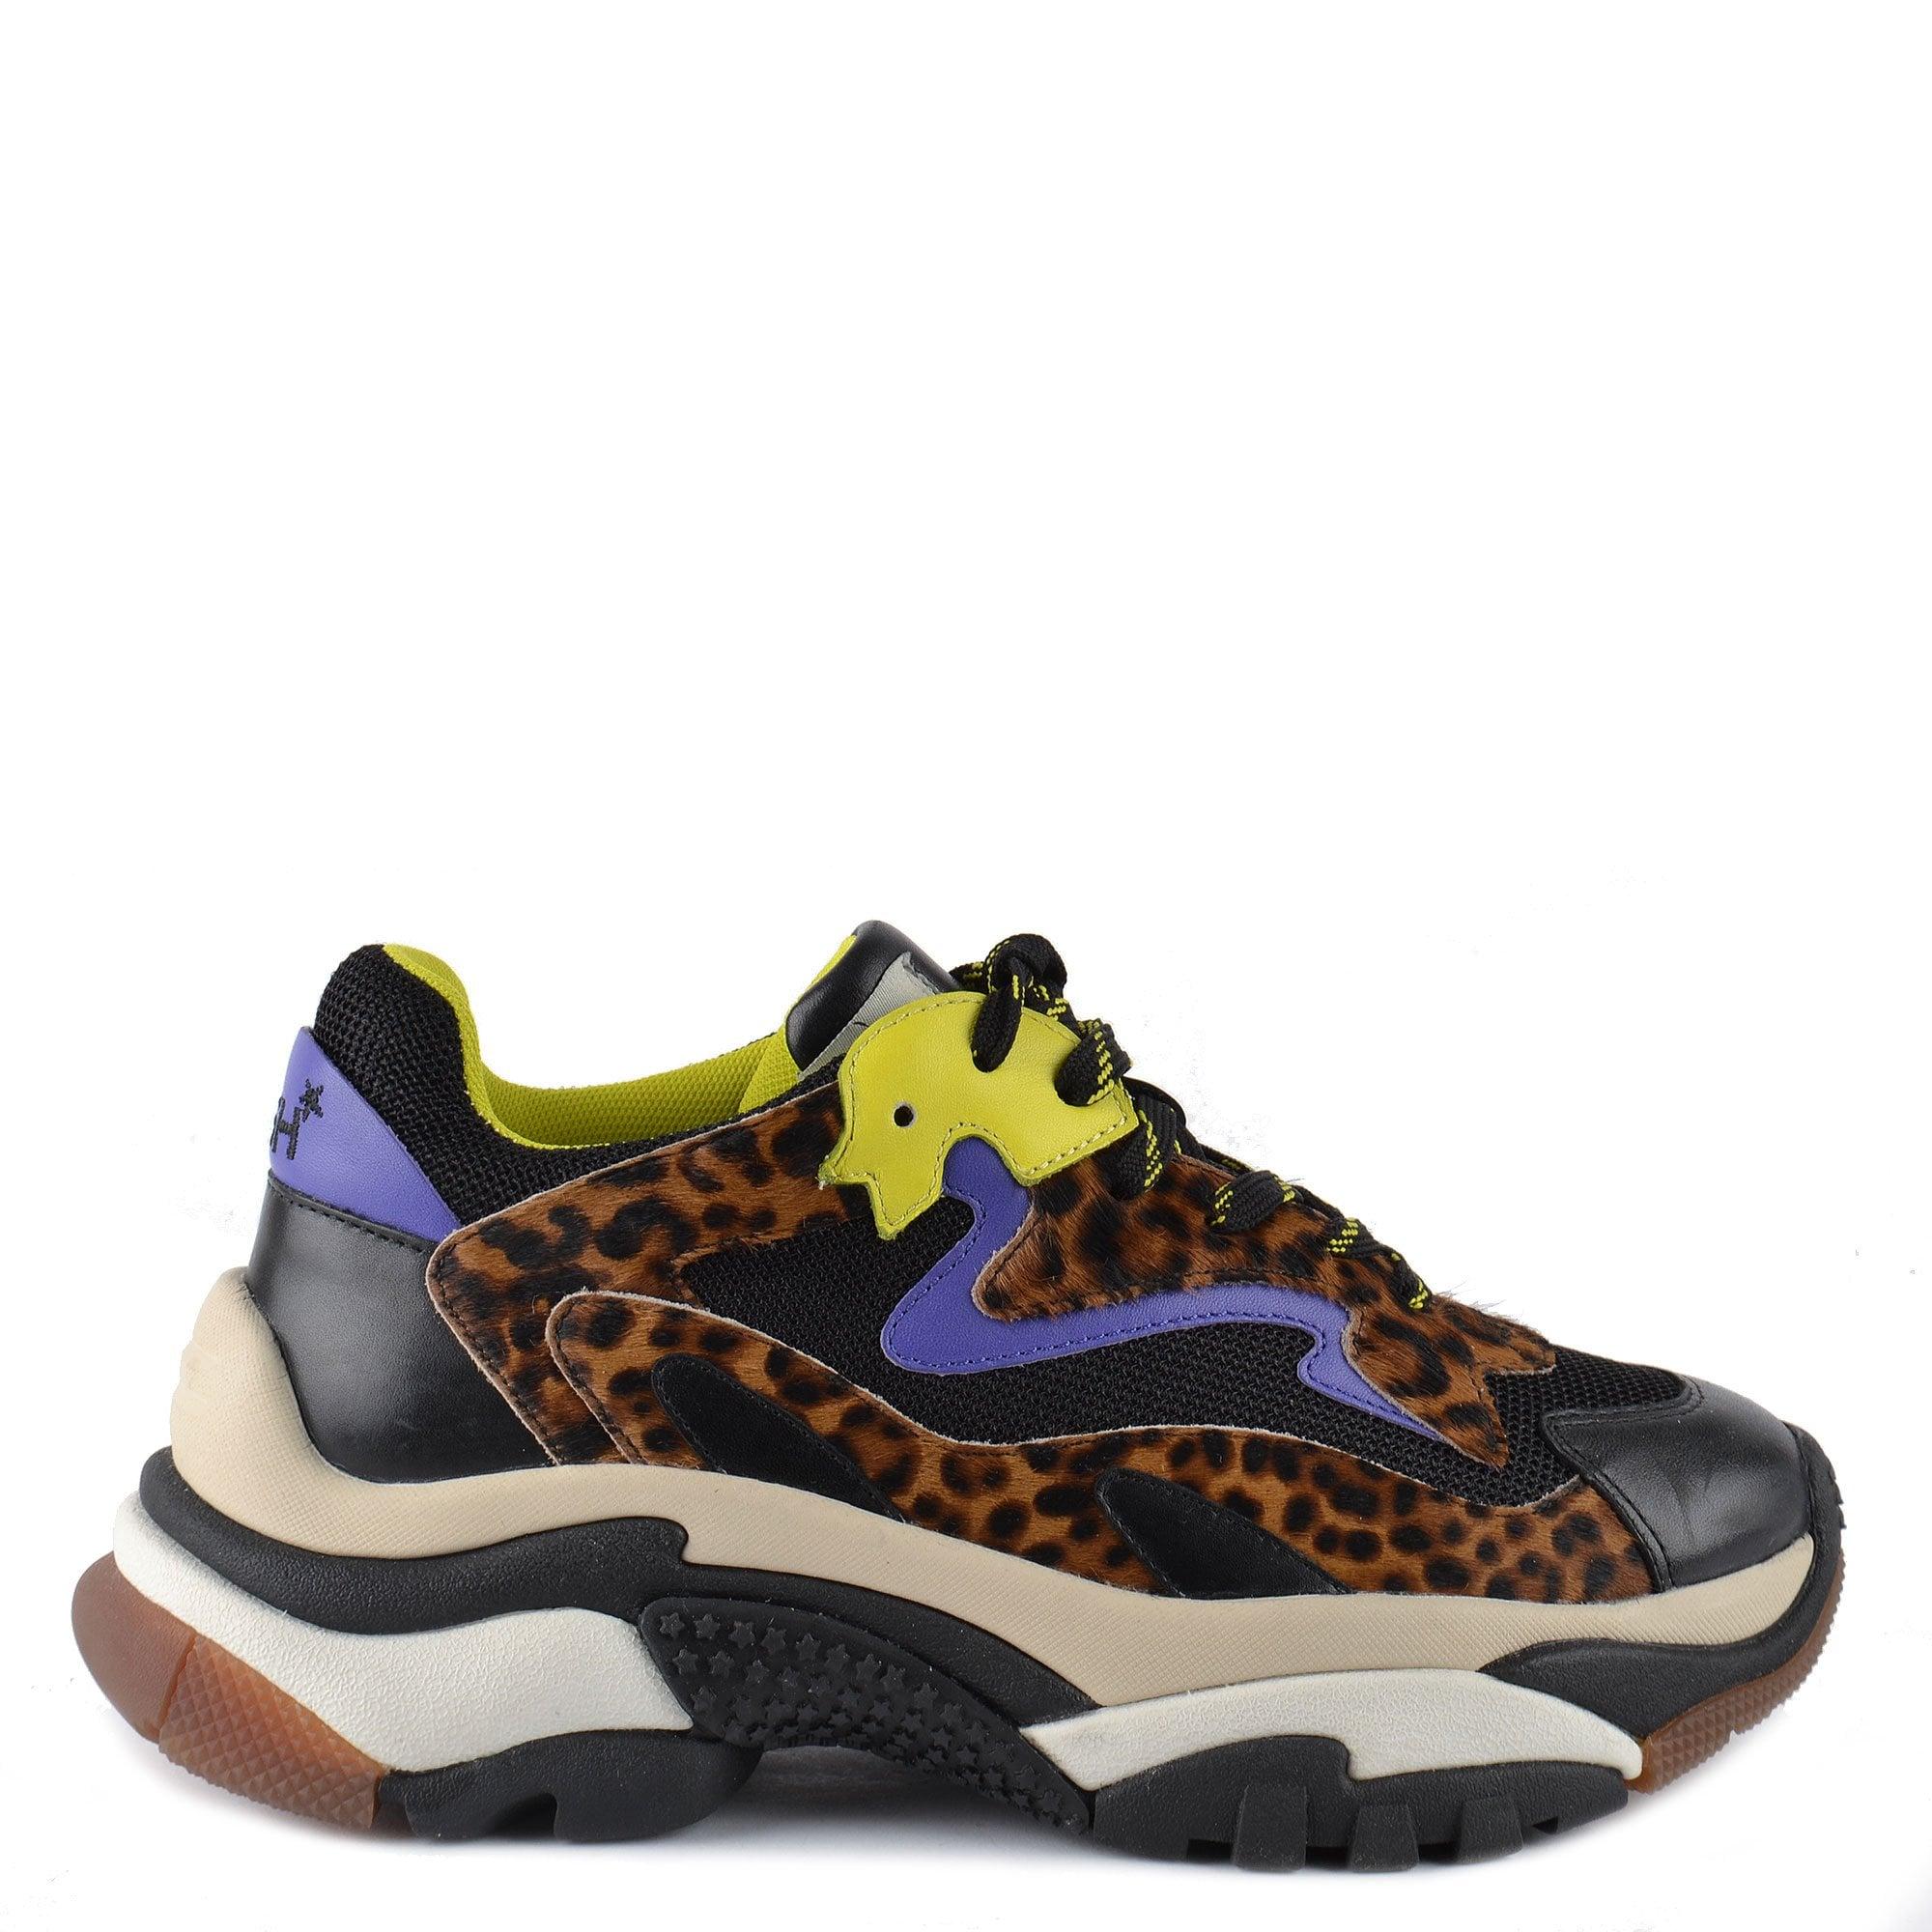 Addict | Shop Women's Leopard Print